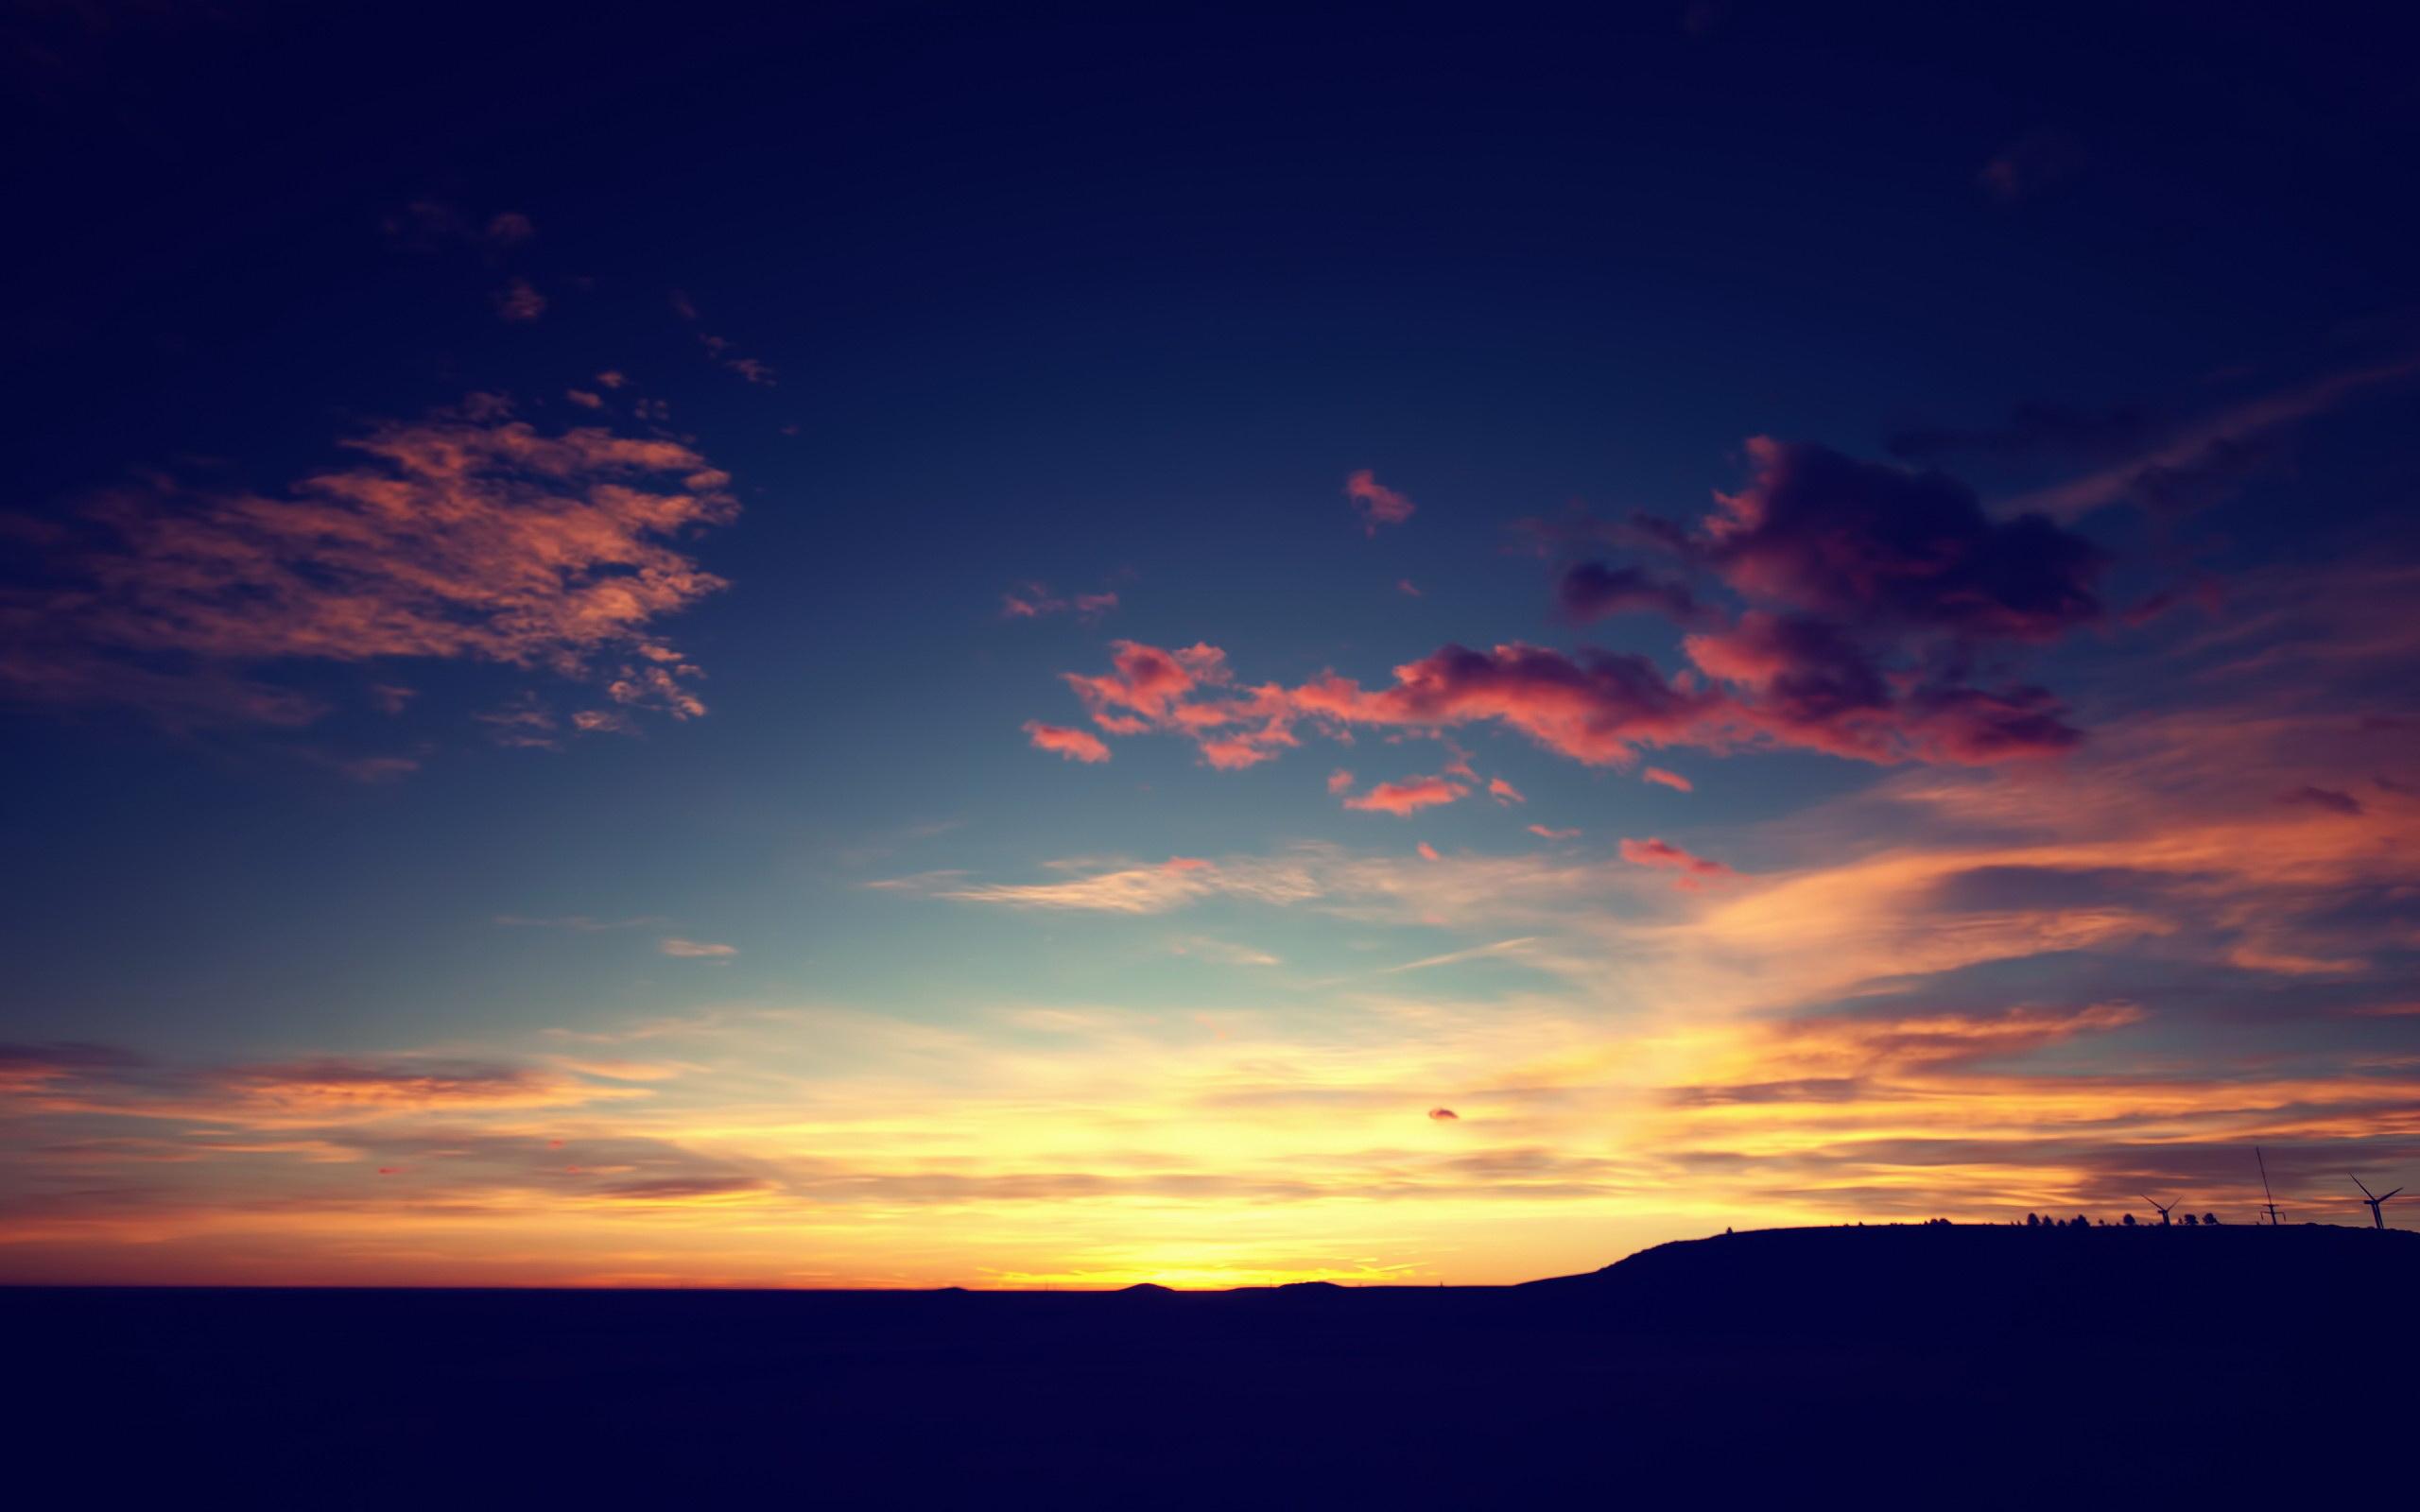 صور غروب الشمس HD (1)